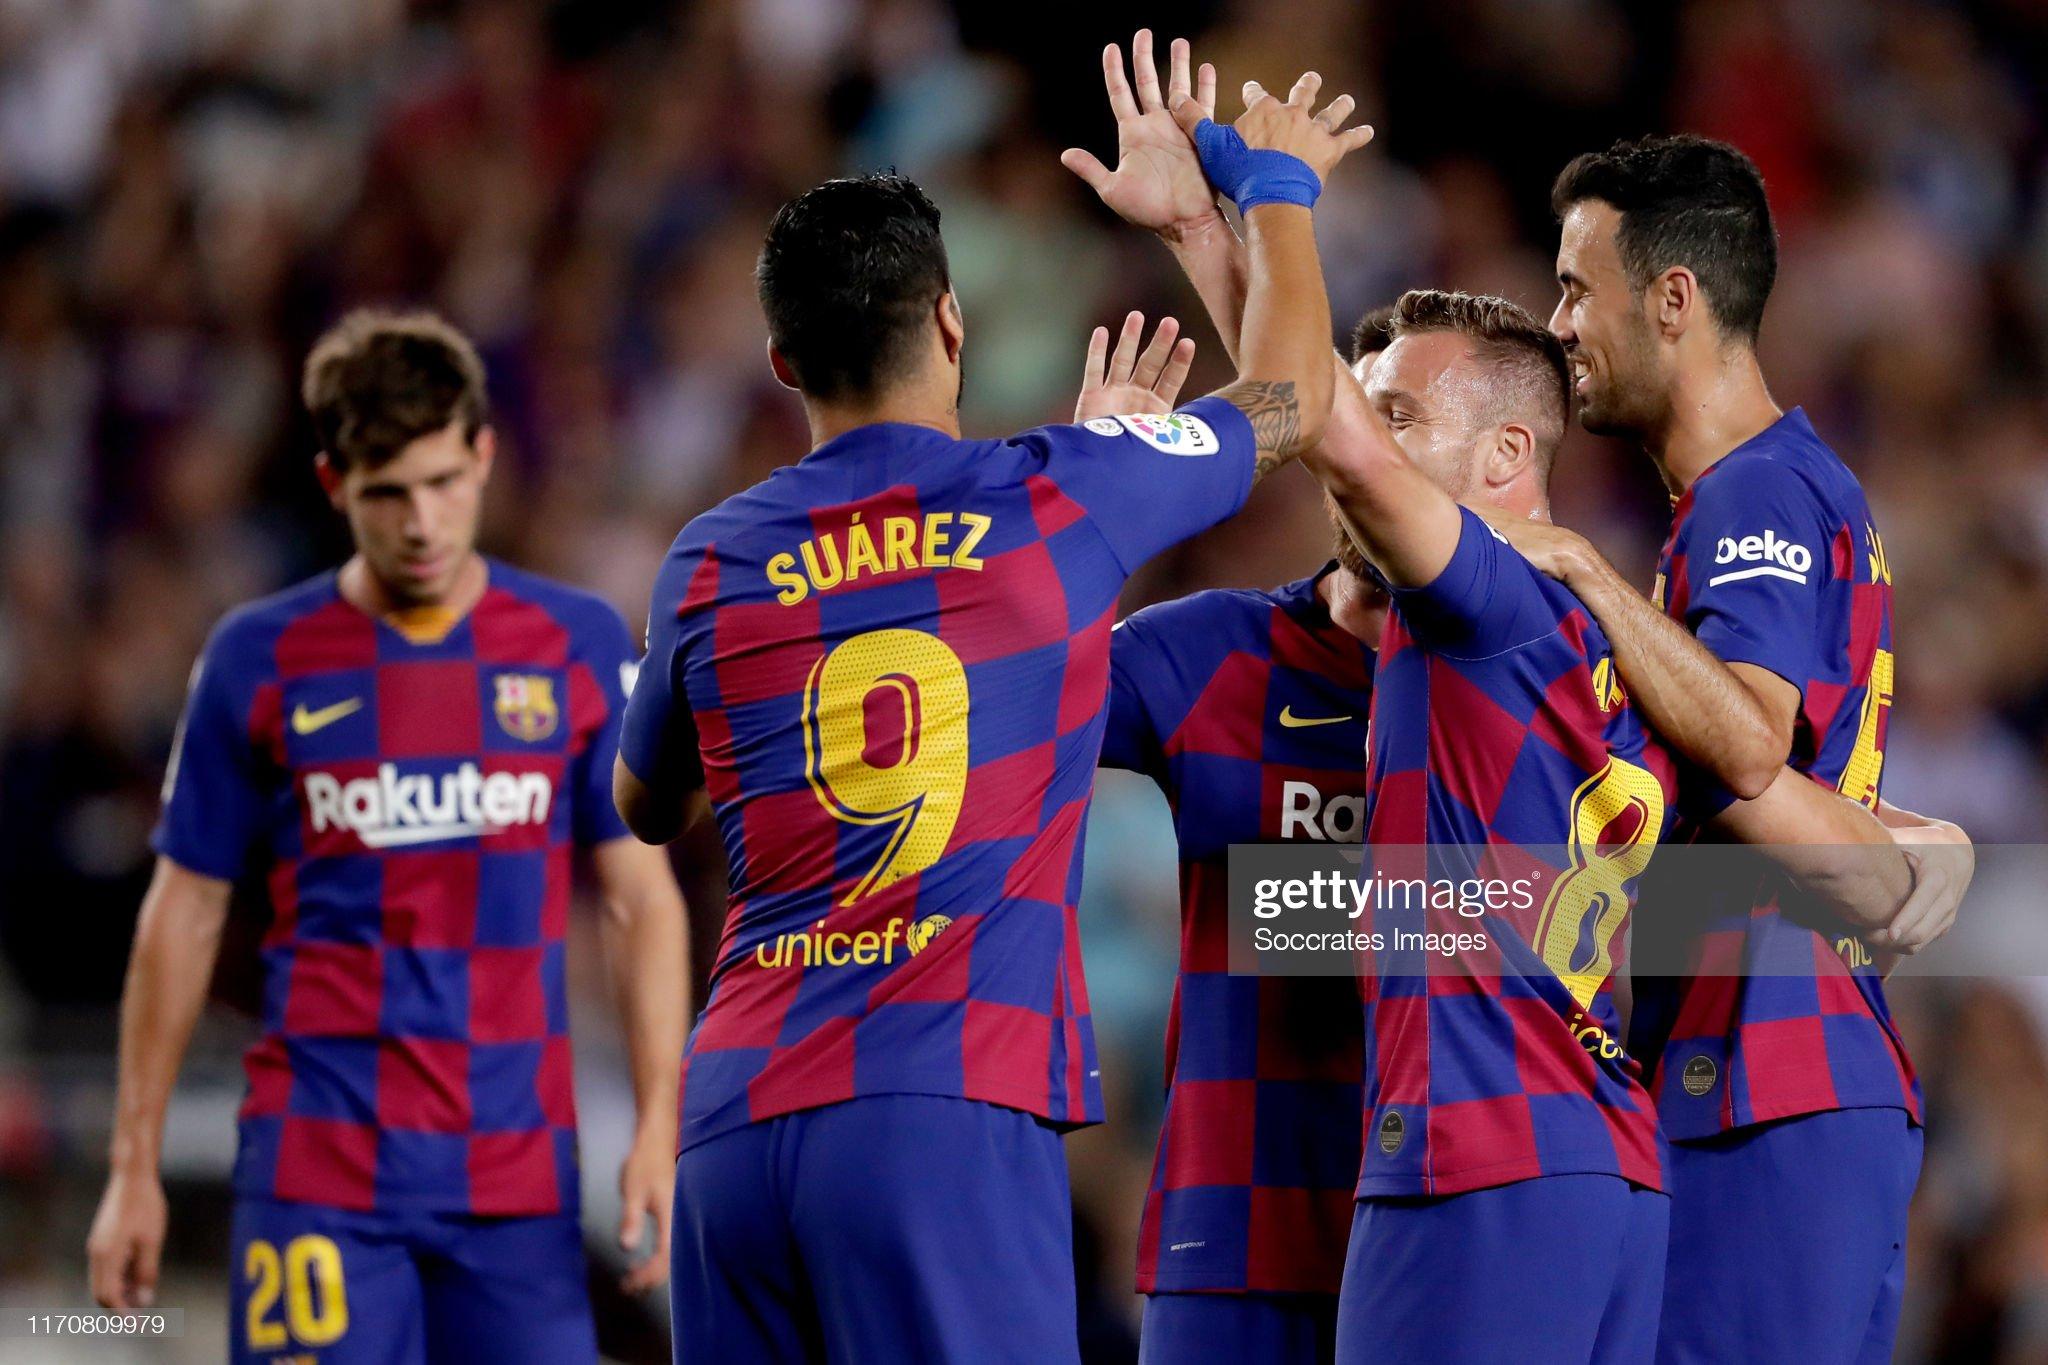 صور مباراة : برشلونة - فياريال 2-1 ( 24-09-2019 )  Luis-suarez-of-fc-barcelona-arthur-of-fc-barcelona-sergio-busquets-of-picture-id1170809979?s=2048x2048